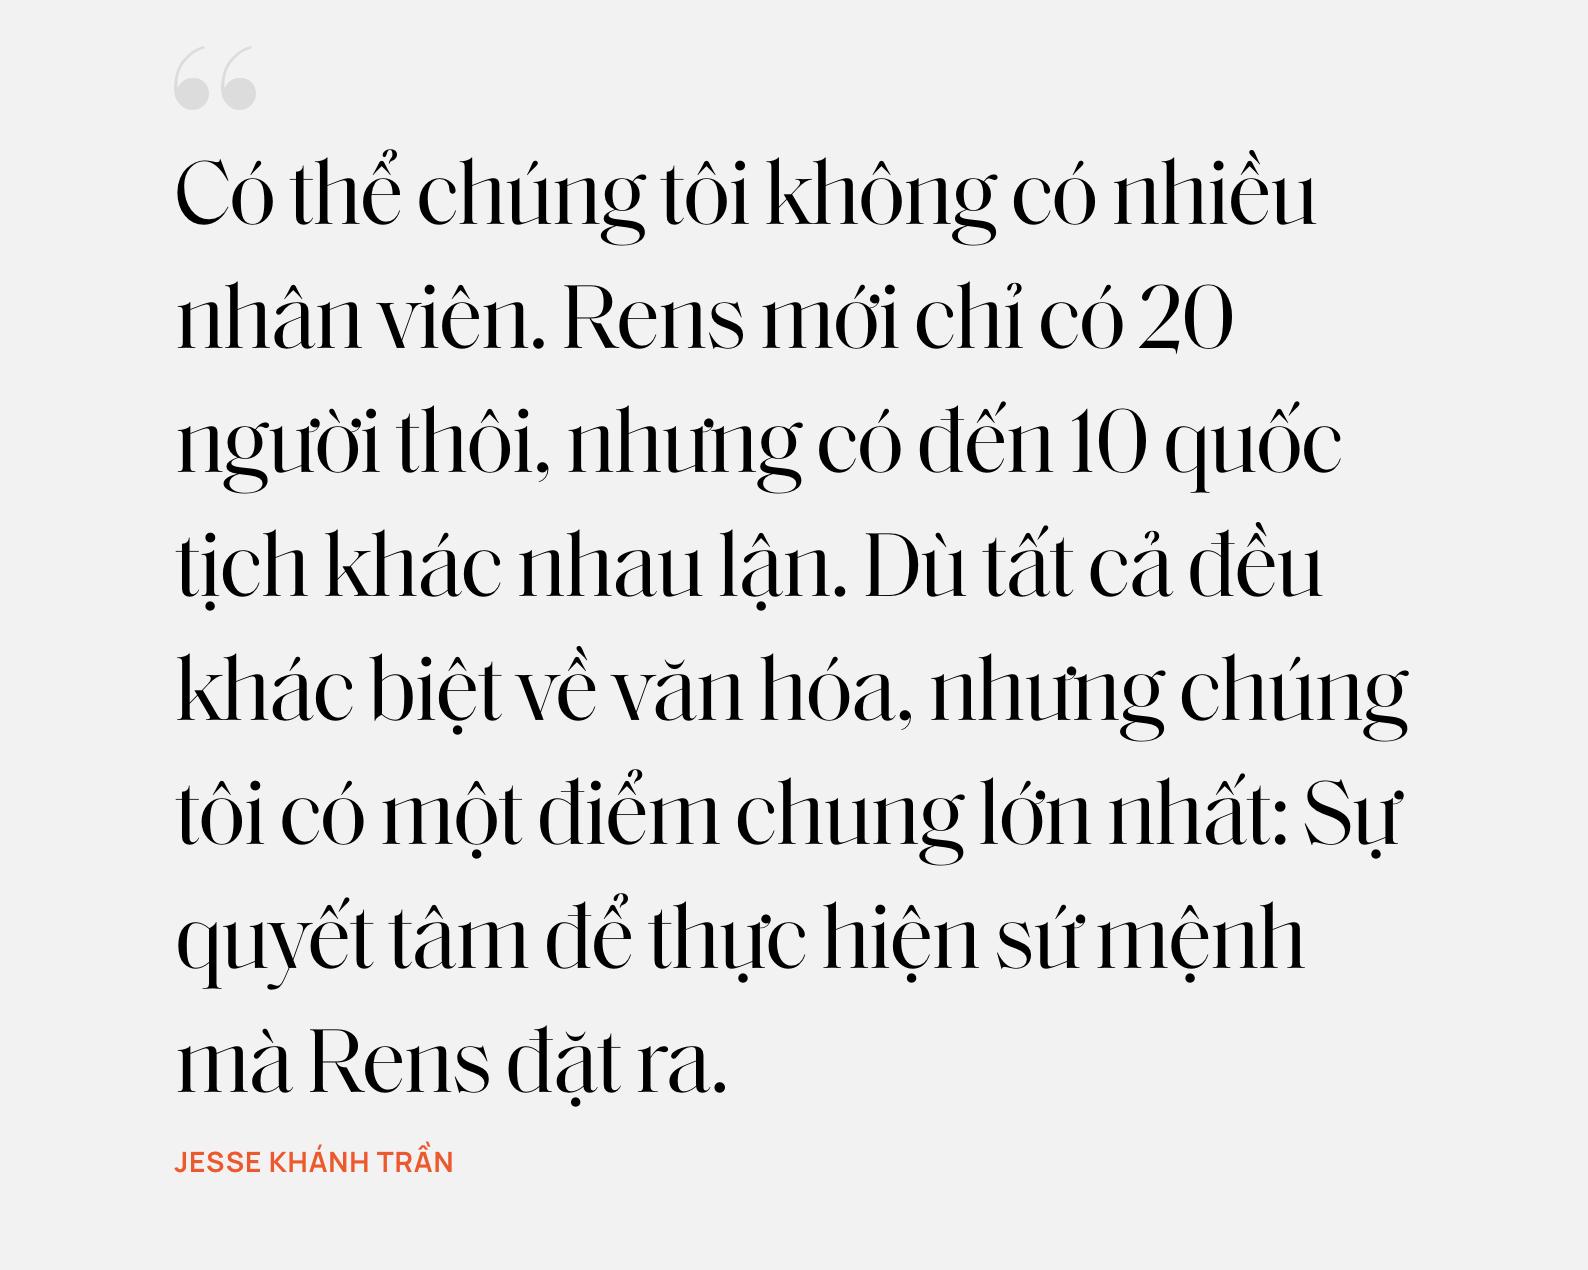 Jesse Khánh Trần và Sơn Chu: Bước ra thế giới với những đôi giày làm từ bã cafe và chai nhựa - Ảnh 15.